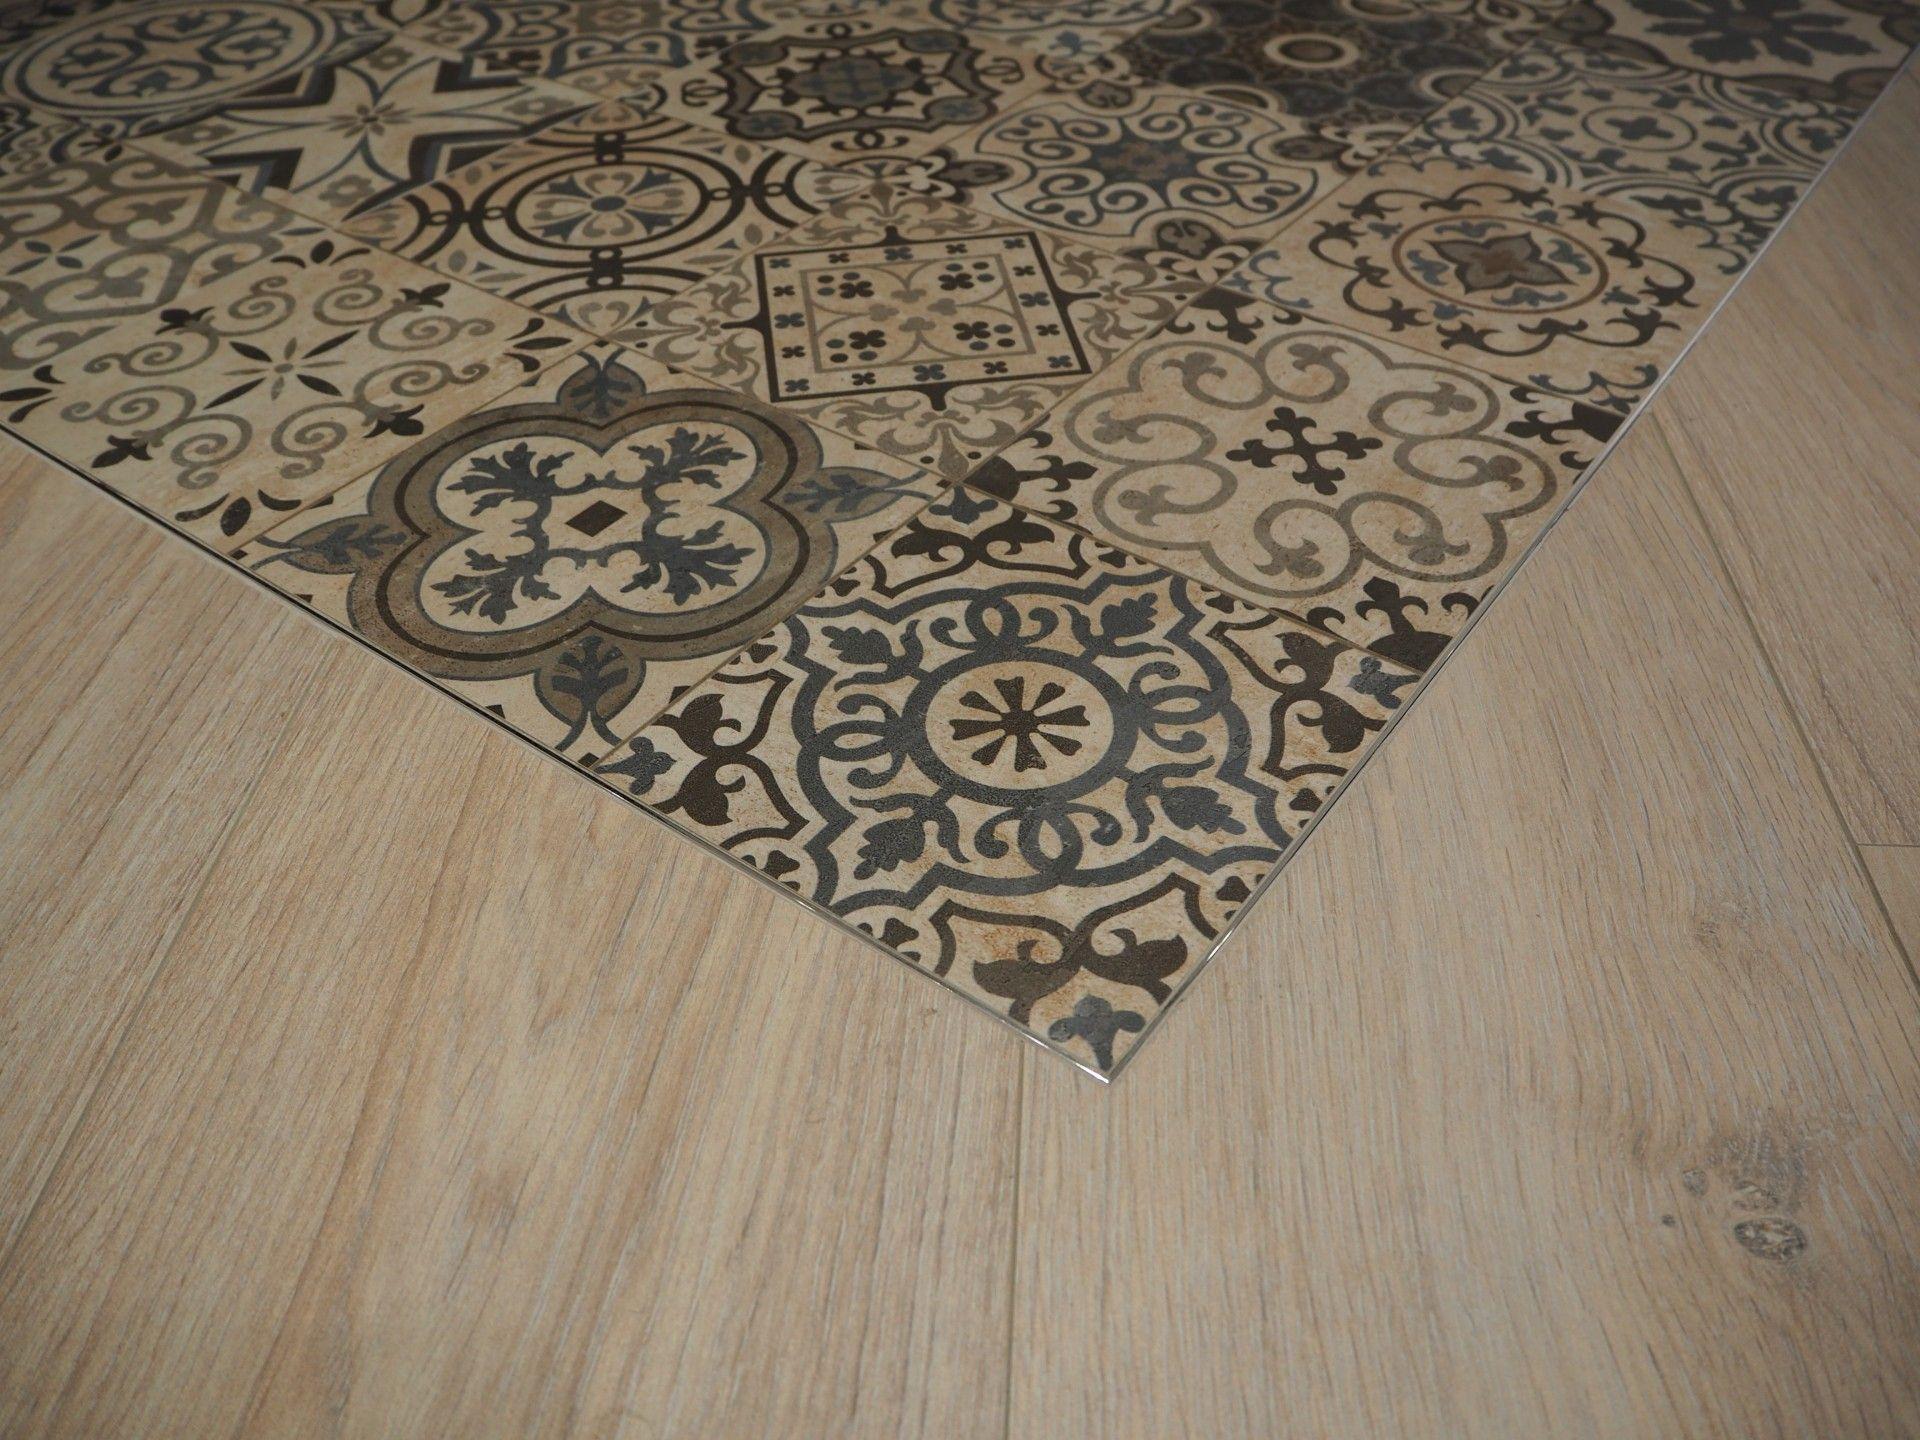 Vloertegels vintage decor tegels | Vloertegels, Tegels